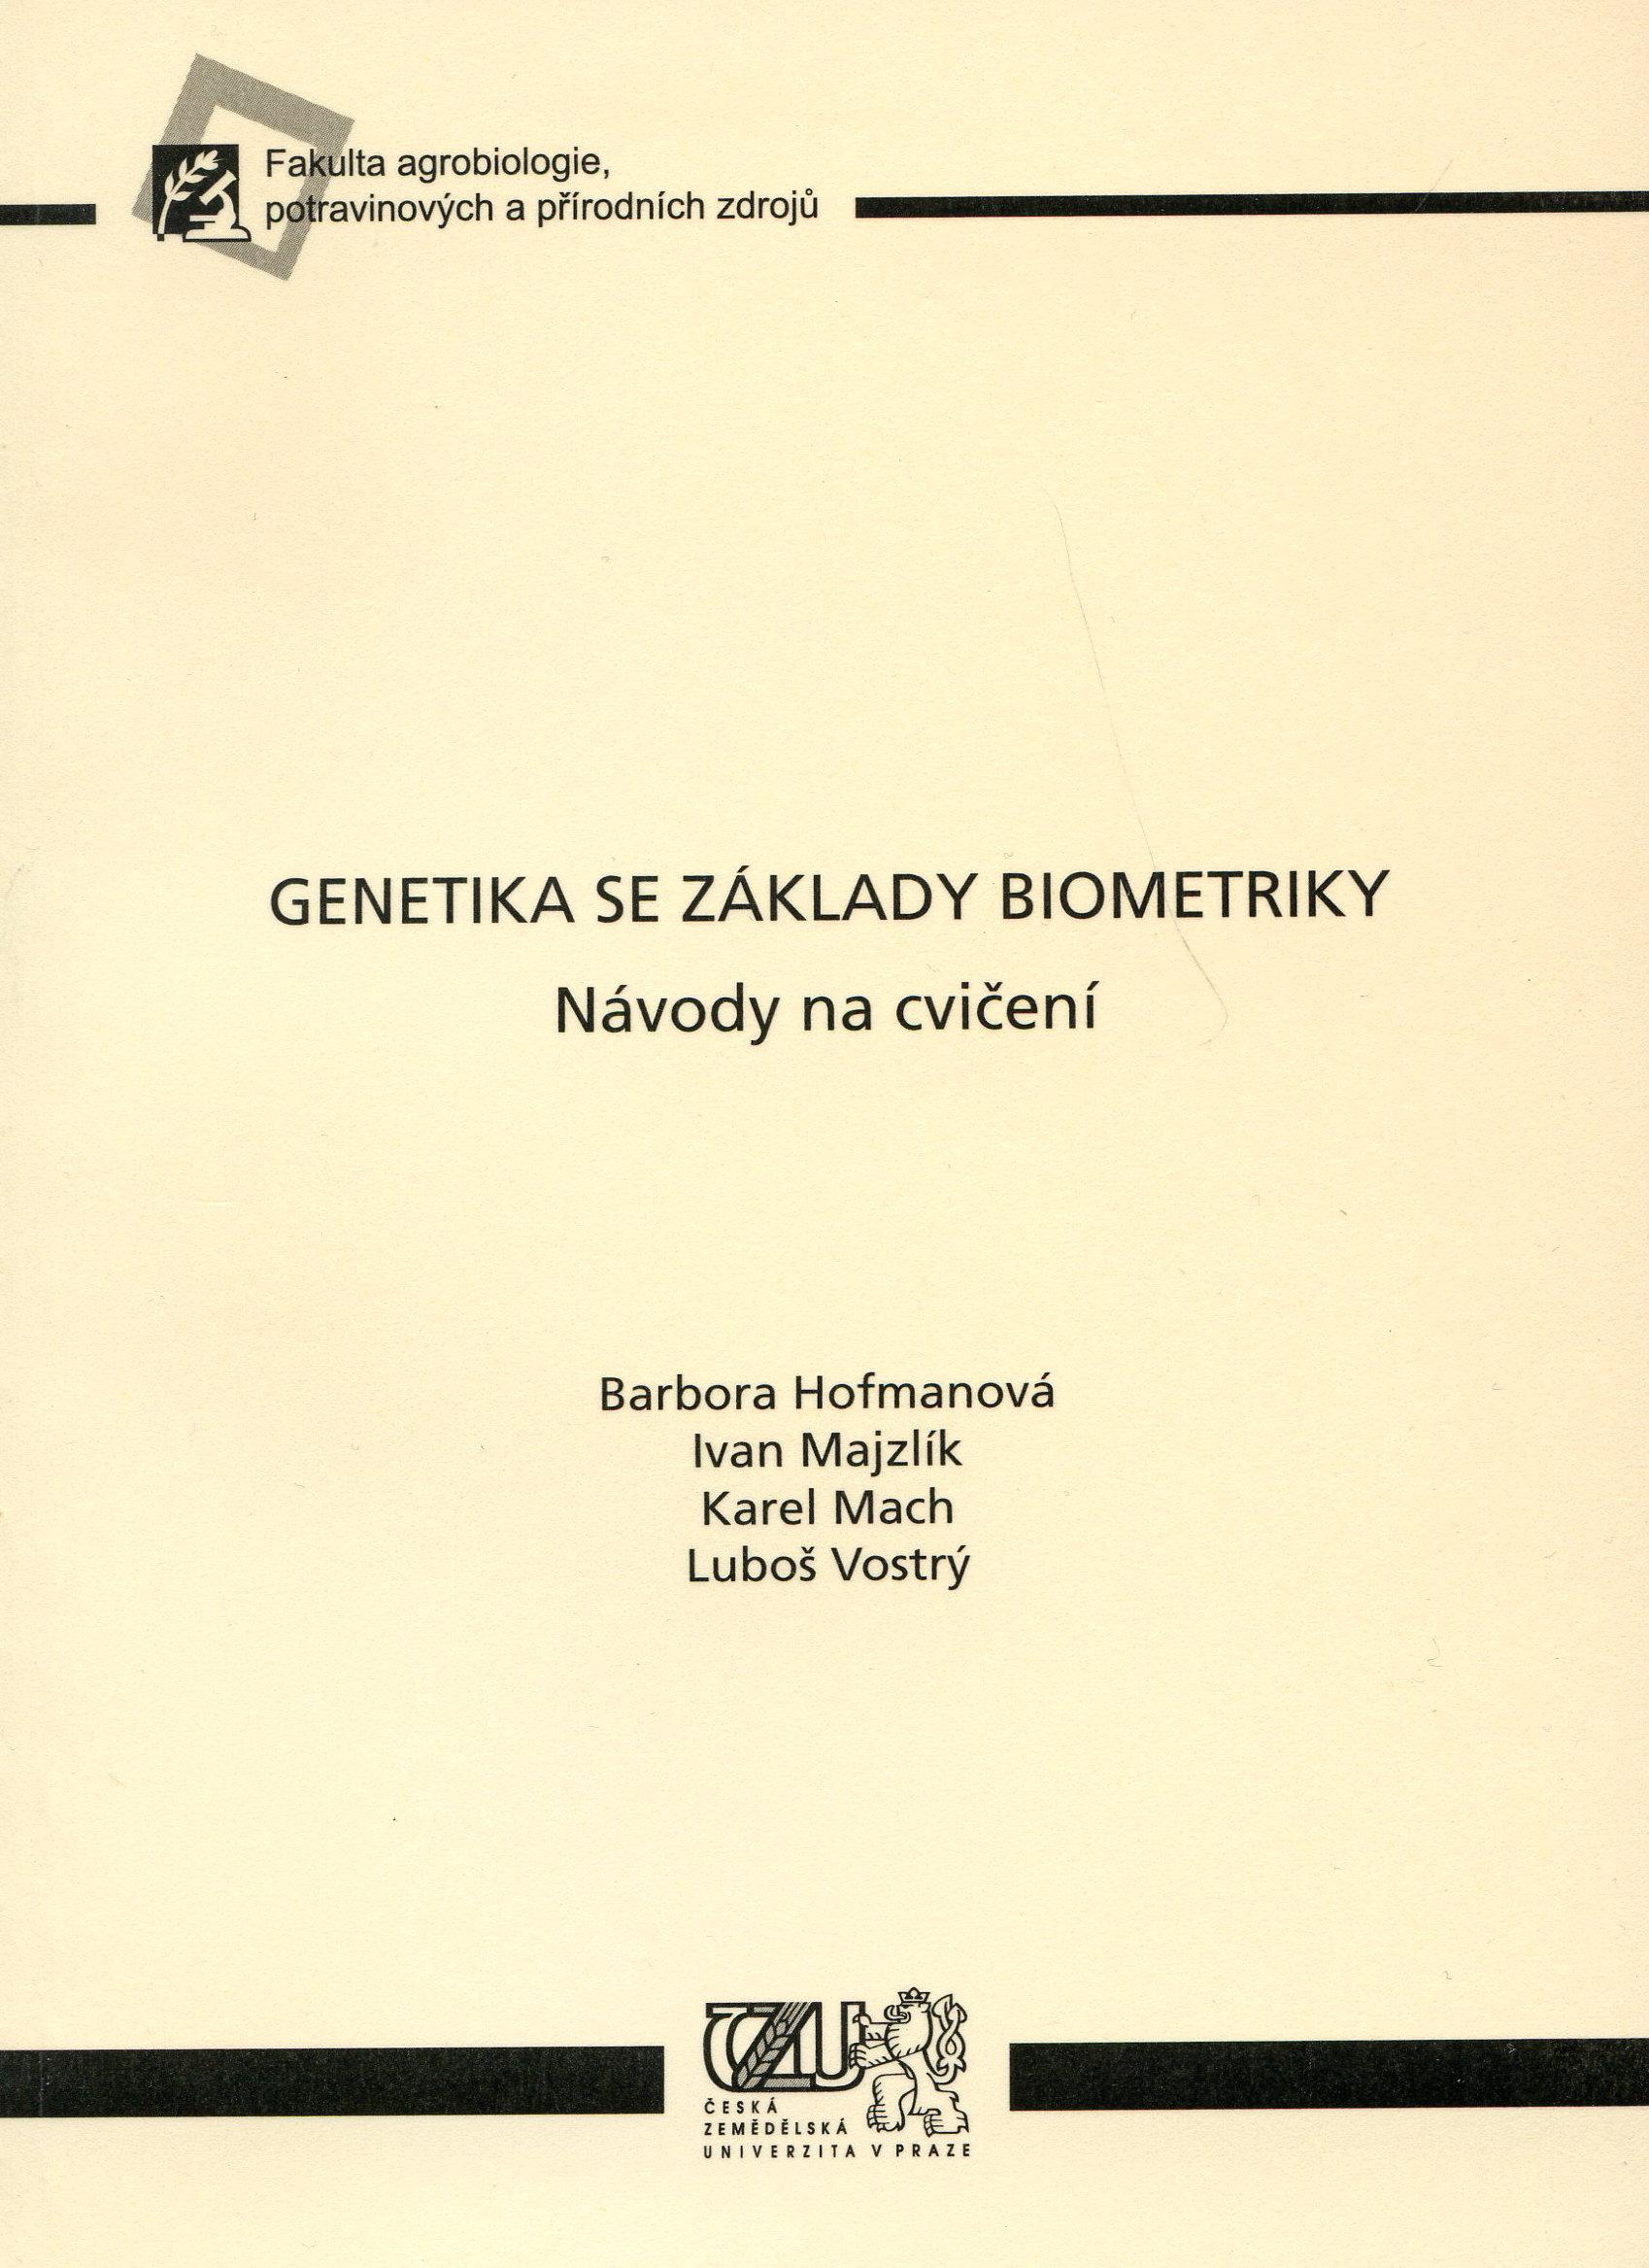 Genetika se základy biometriky